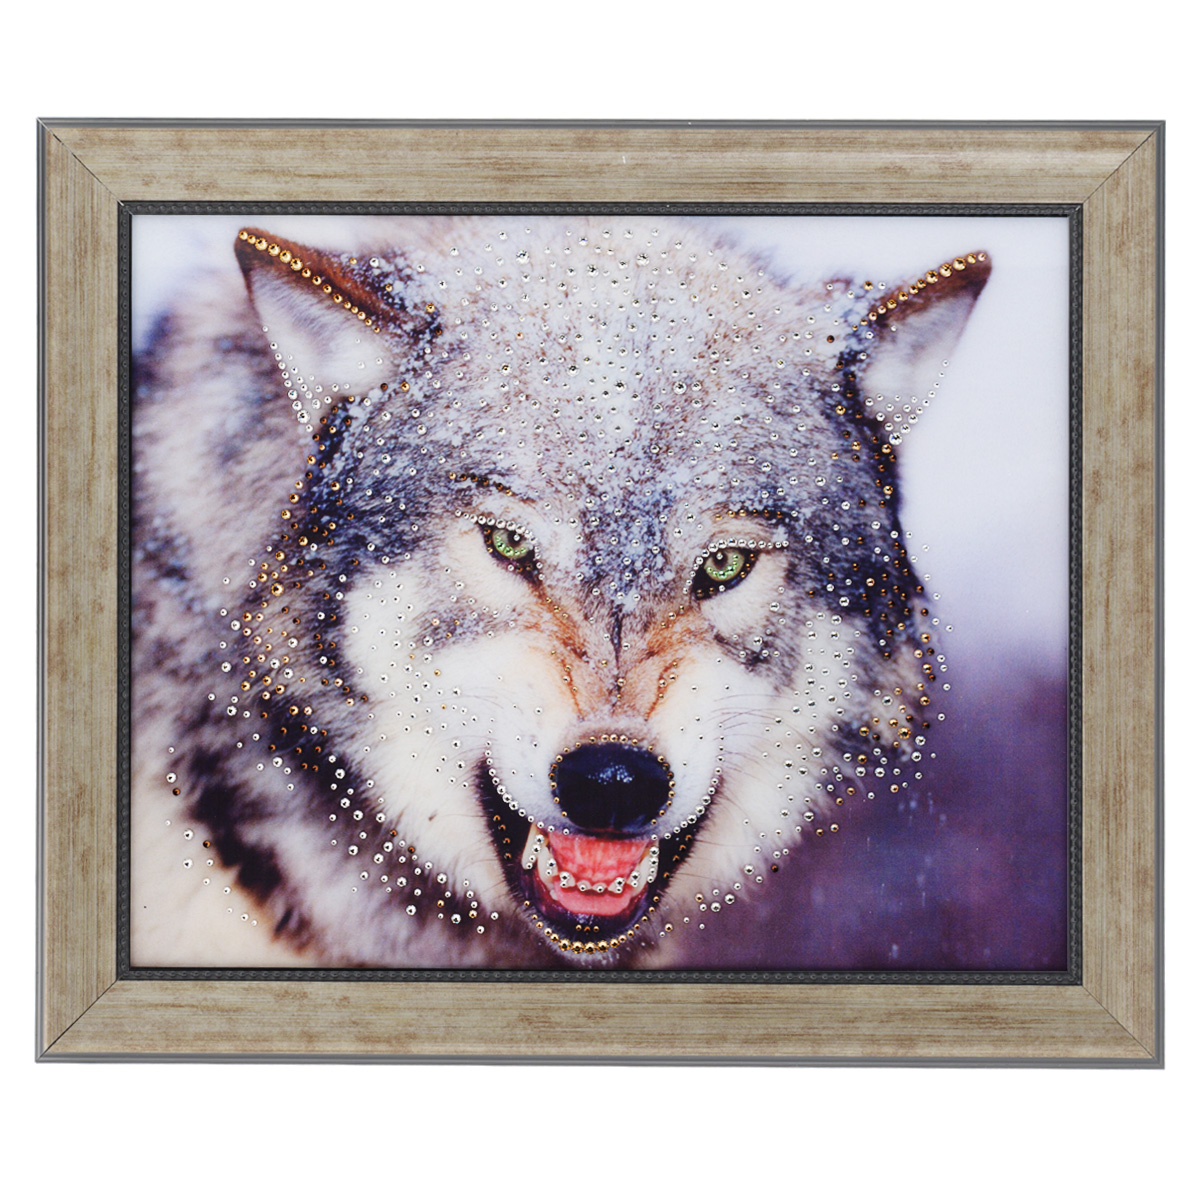 Картина с кристаллами Swarovski Волк, 60 х 50 см12723Изящная картина в багетной раме, инкрустирована кристаллами Swarovski, которые отличаются четкой и ровной огранкой, ярким блеском и чистотой цвета. Красочное изображение волка, расположенное под стеклом, прекрасно дополняет блеск кристаллов. С обратной стороны имеется металлическая проволока для размещения картины на стене. Картина с кристаллами Swarovski Волк элегантно украсит интерьер дома или офиса, а также станет прекрасным подарком, который обязательно понравится получателю. Блеск кристаллов в интерьере, что может быть сказочнее и удивительнее. Картина упакована в подарочную картонную коробку синего цвета и комплектуется сертификатом соответствия Swarovski.